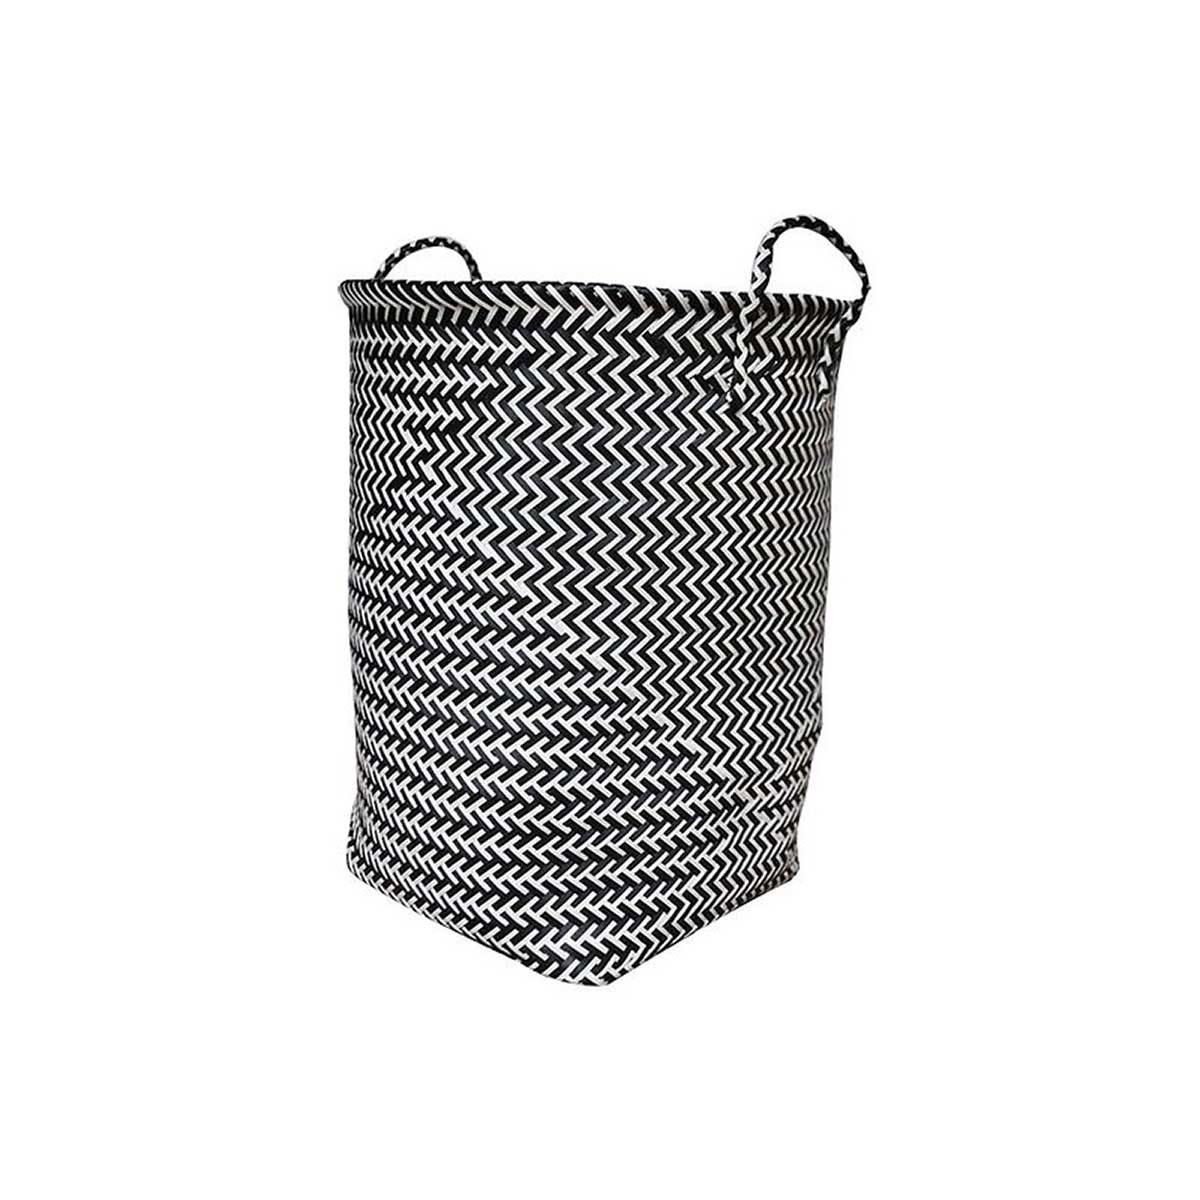 Panier à linge graphique noir et balnc (Noir / Blanc)